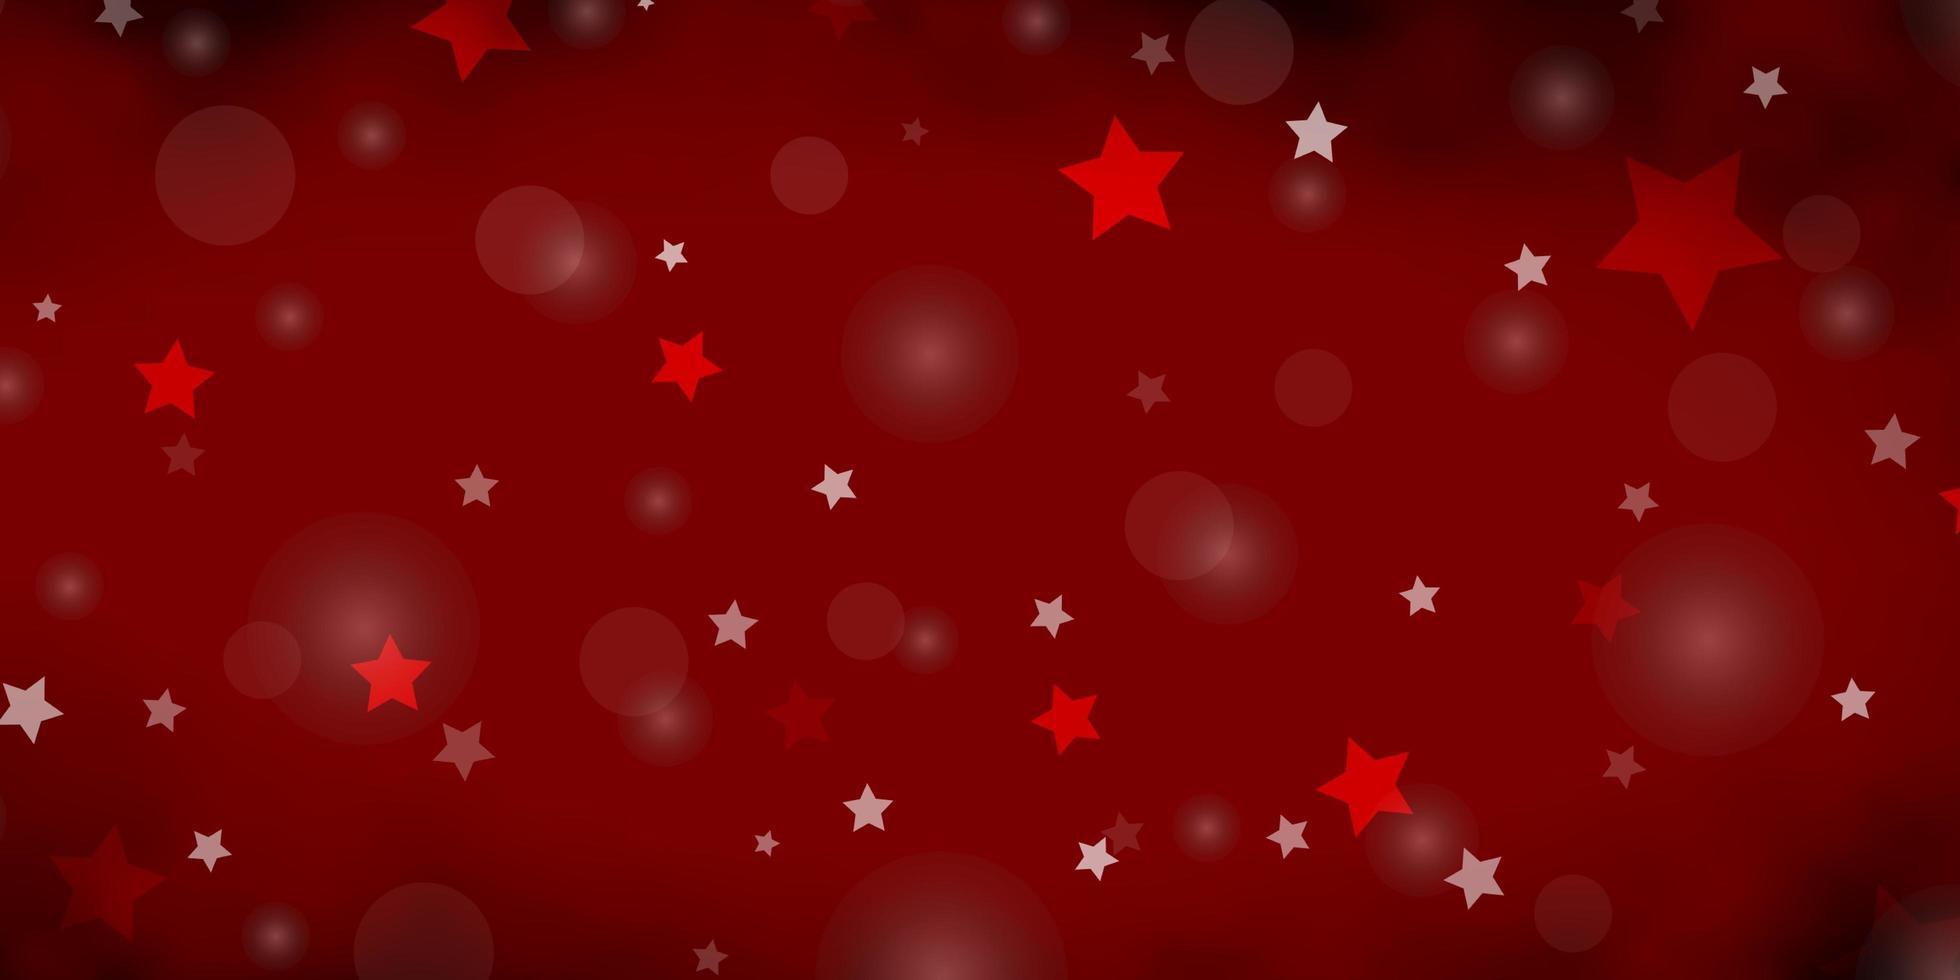 mörk röd vektor bakgrund med cirklar, stjärnor.